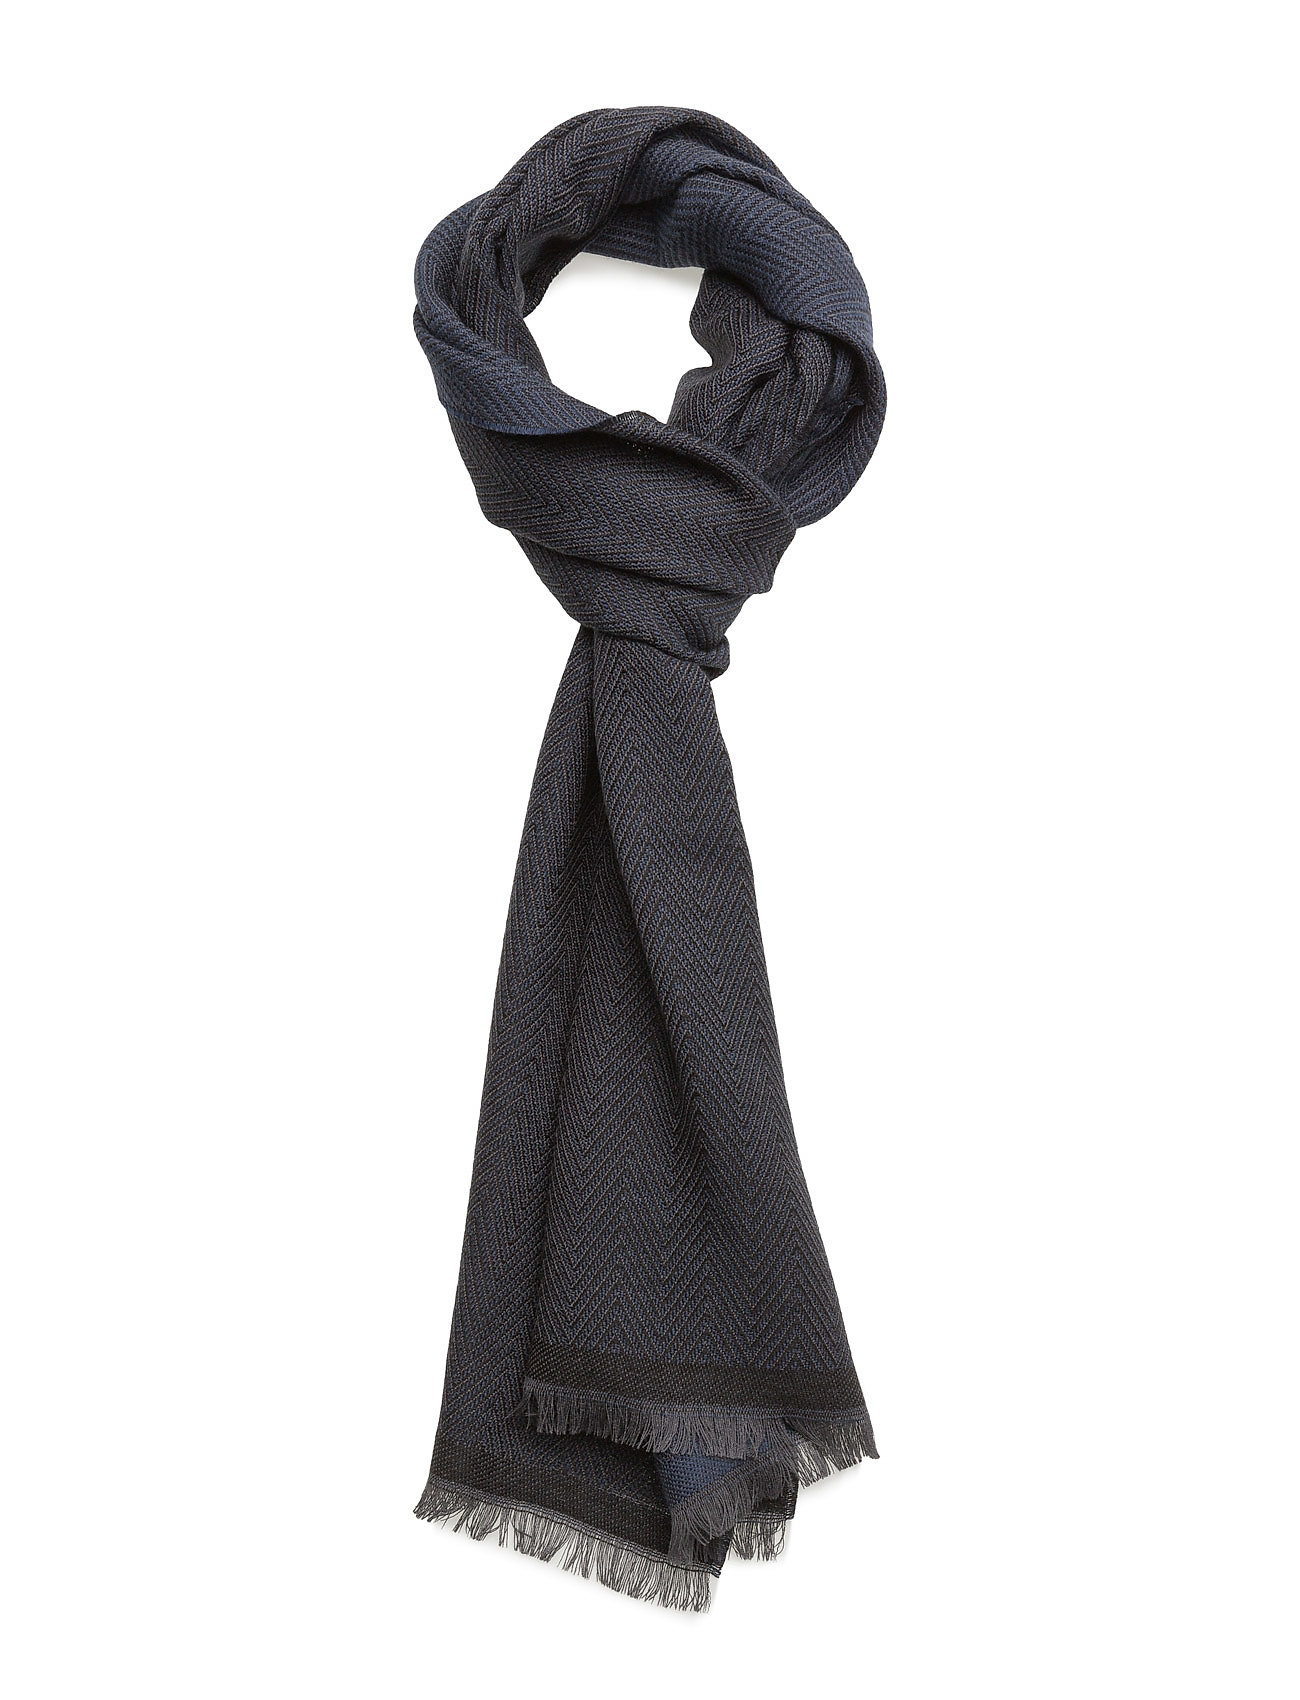 Gyan Matinique Halstørklæder til Herrer i Mønster